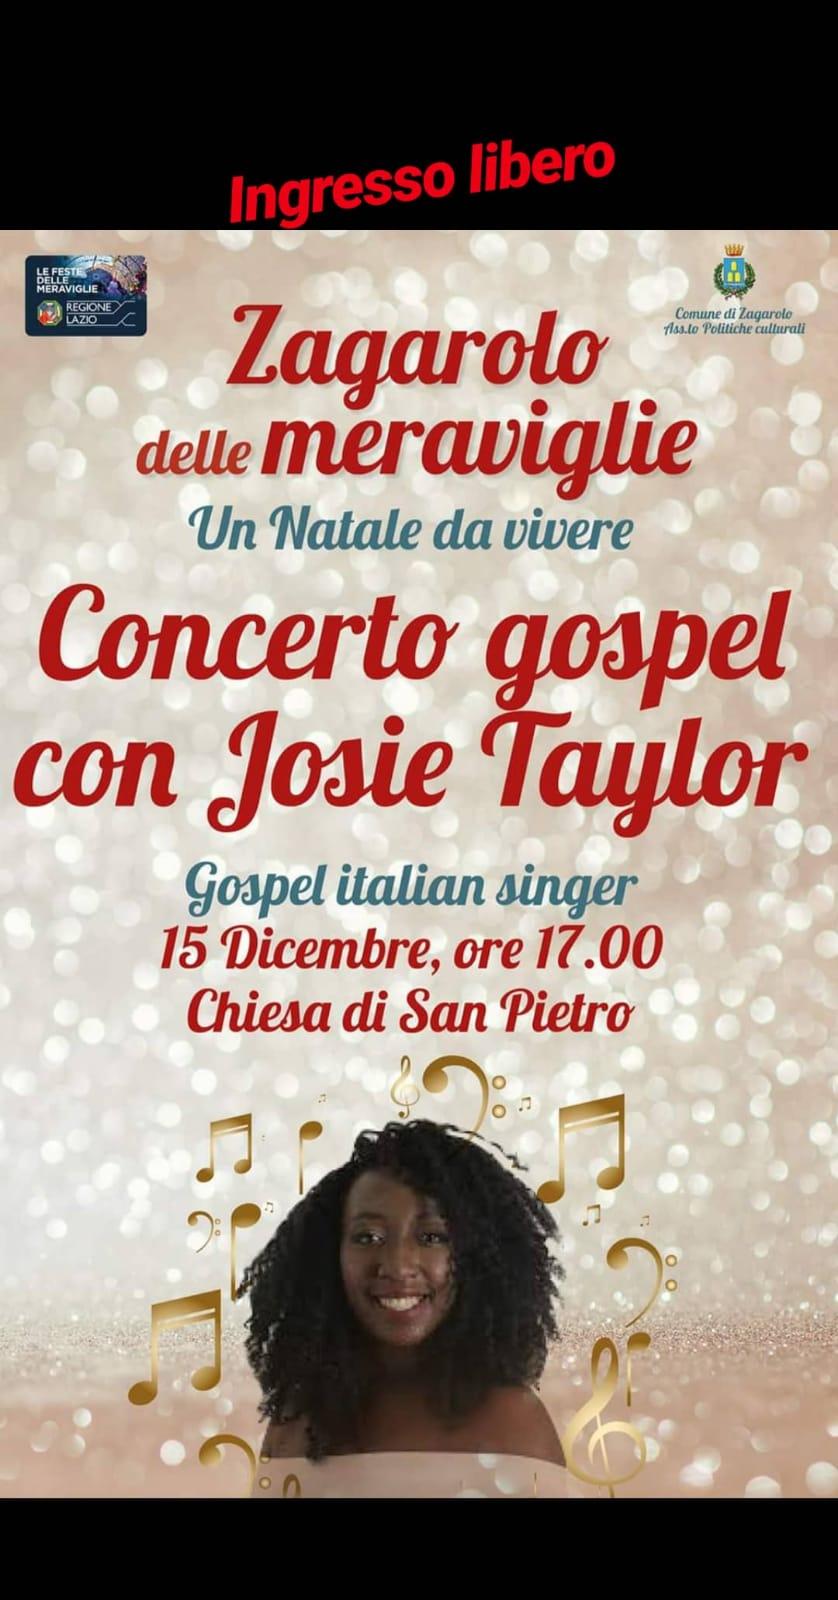 Concerto Gospel con Josie Tajlor